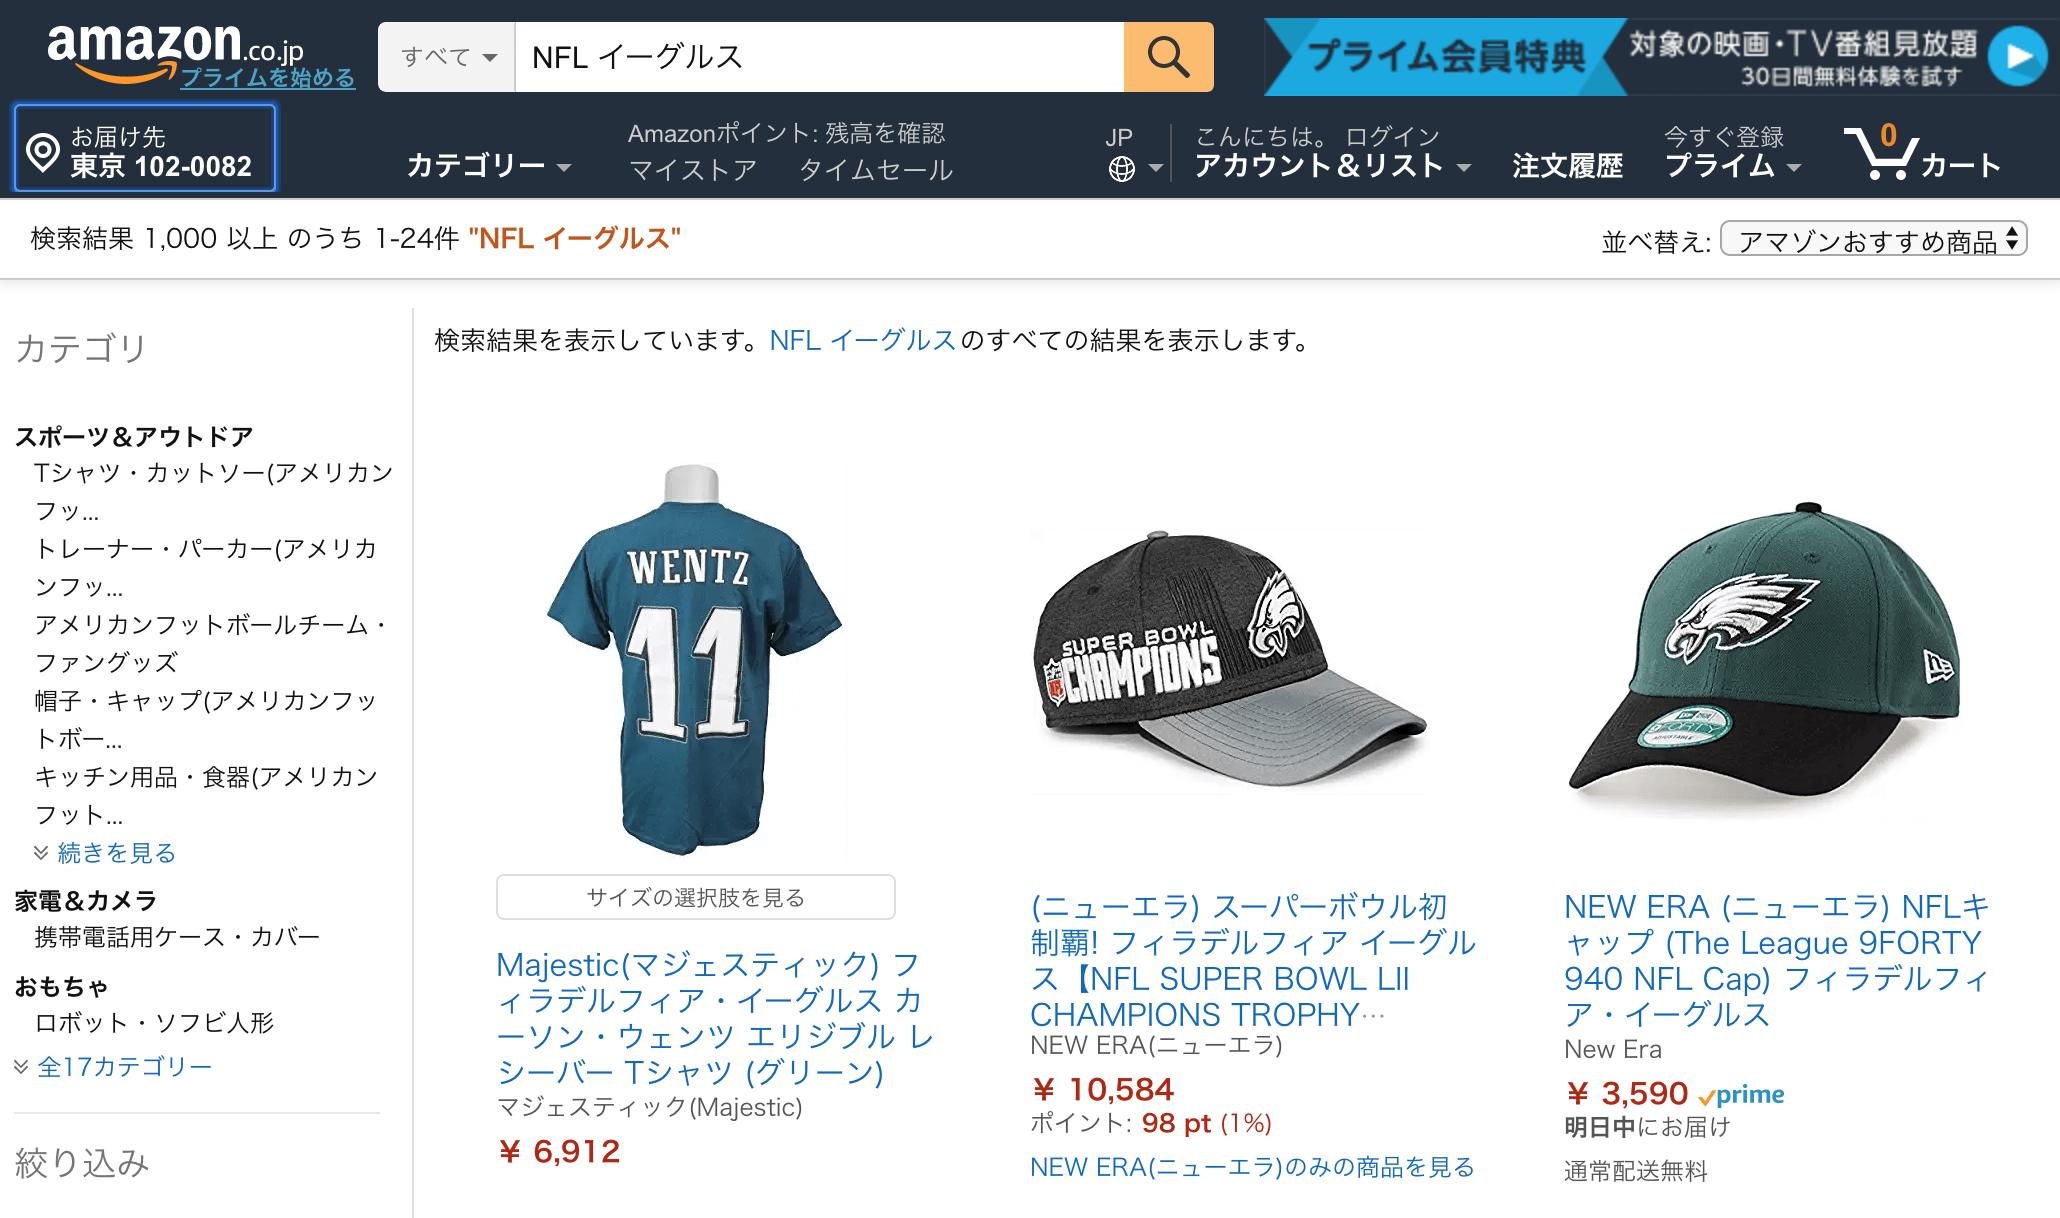 アマゾンのNFLイーグルス